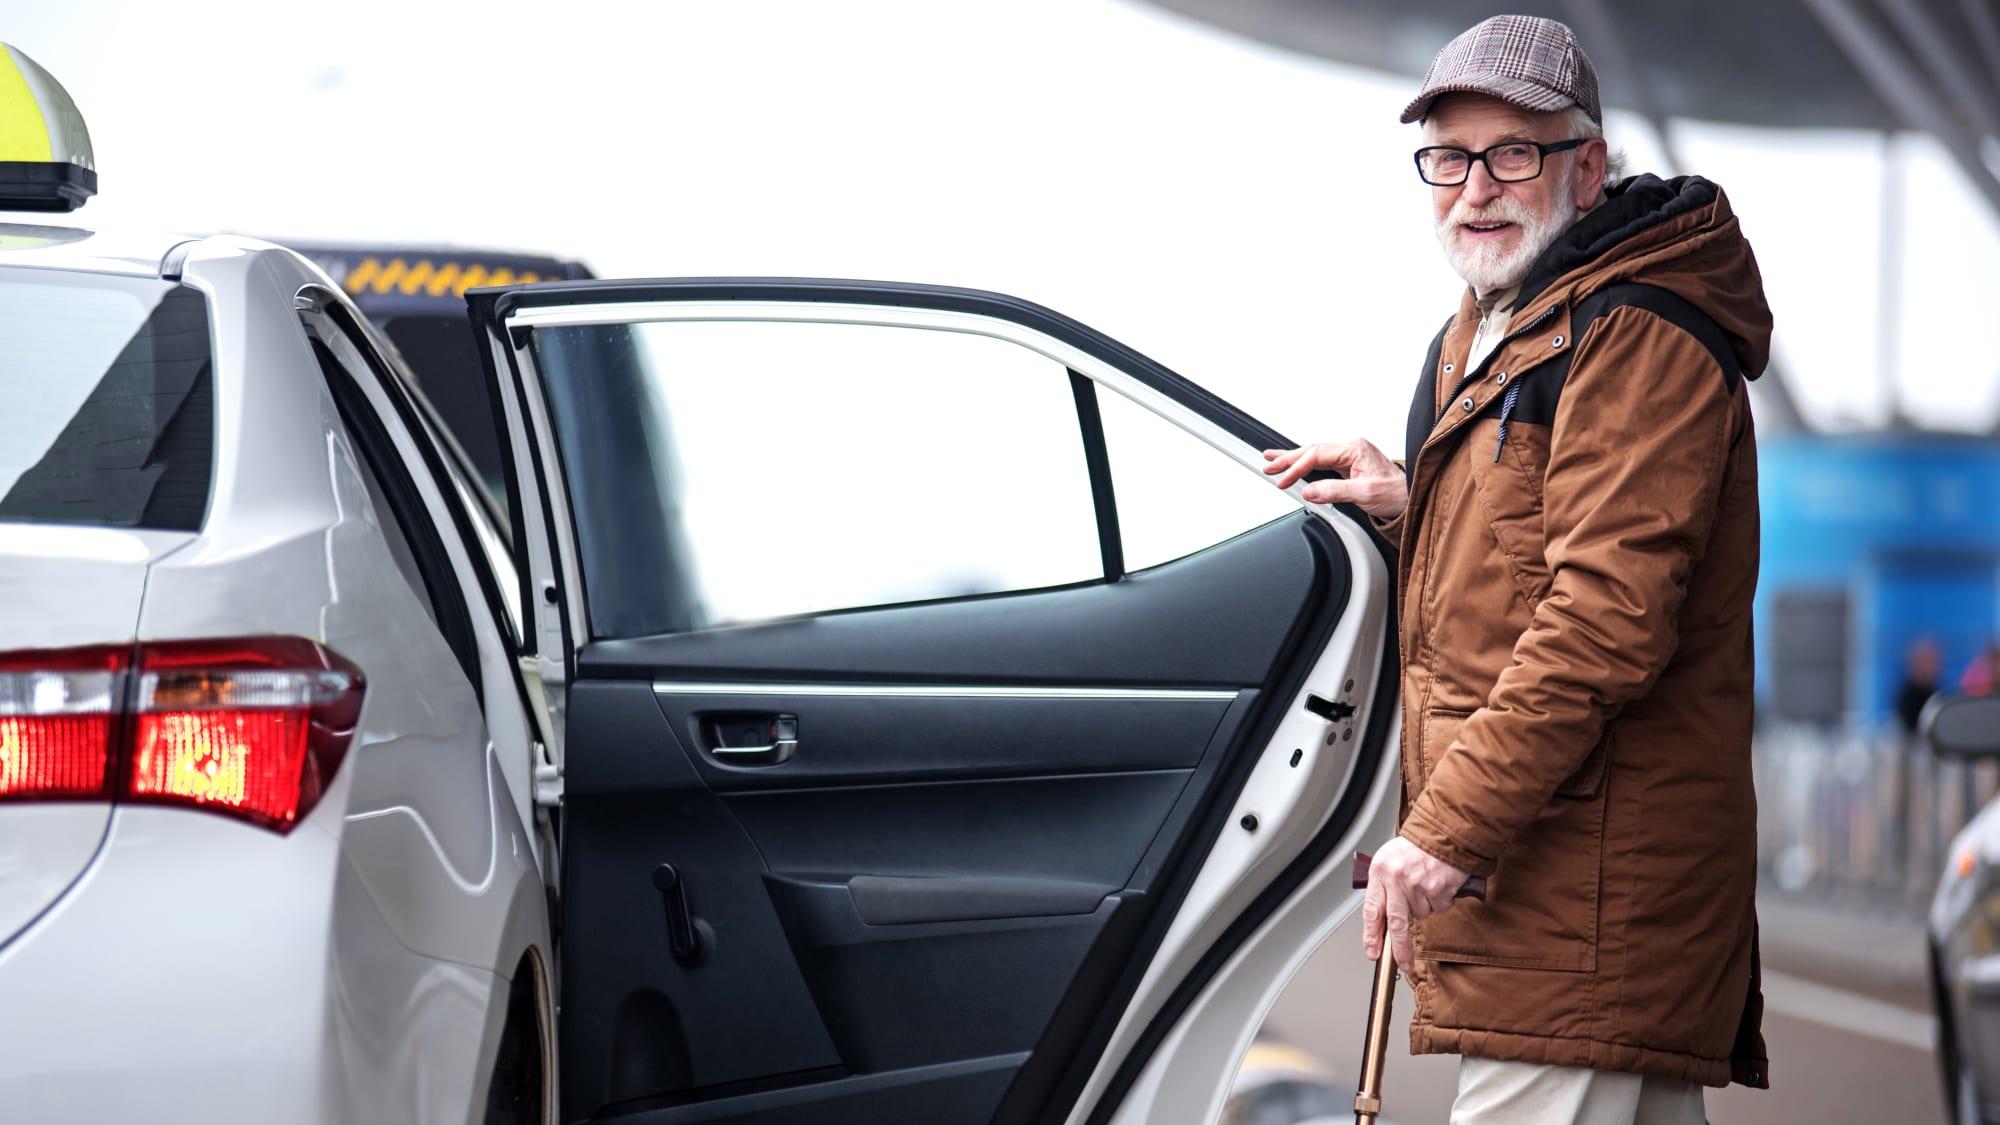 Älterer Herr steigt in Taxi